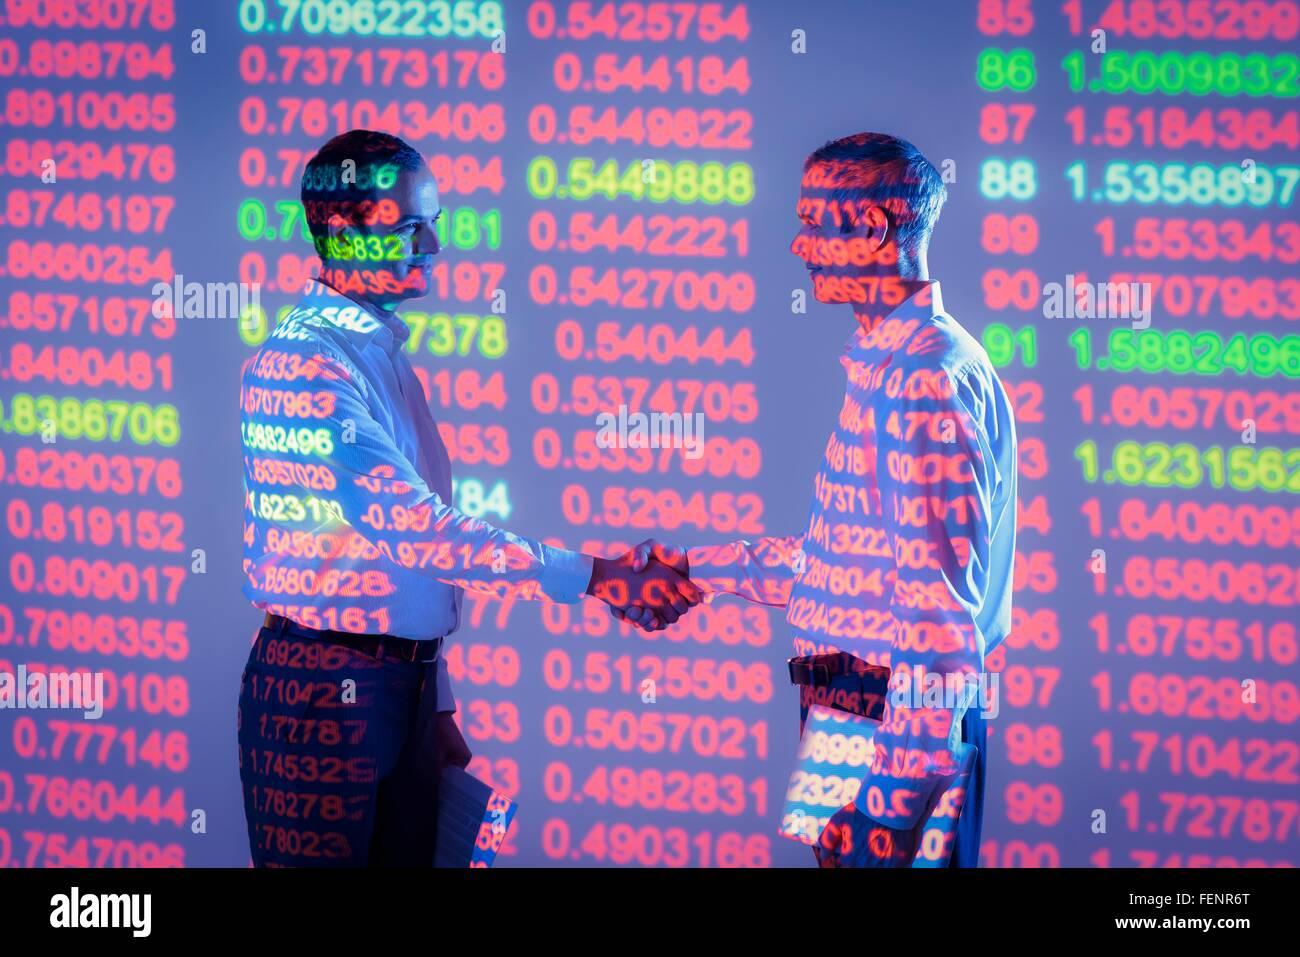 Uomini d'affari si stringono la mano con una previsione di grafici dei dati finanziari Immagini Stock